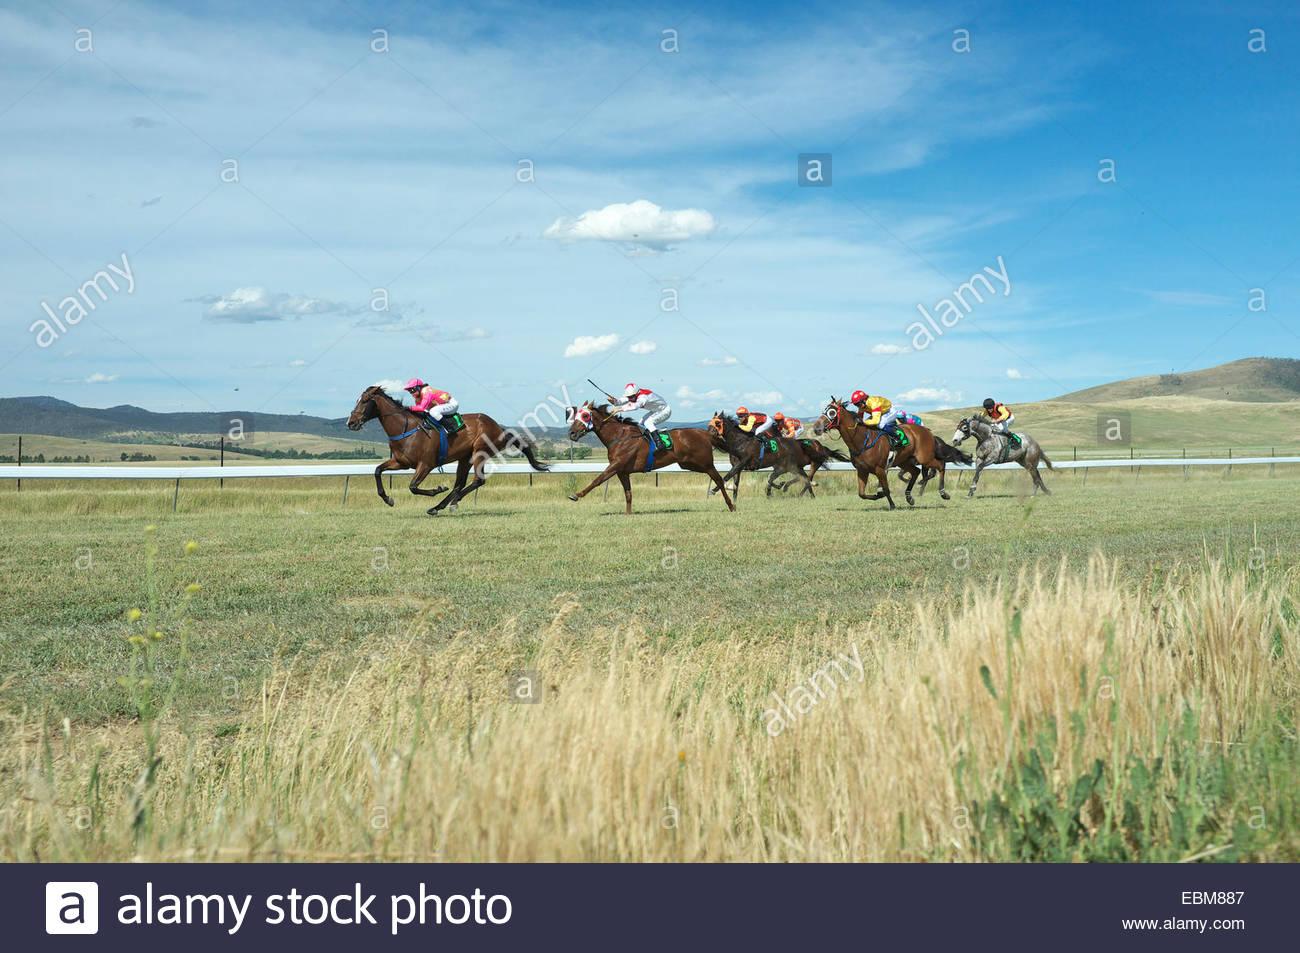 Horse Racing al Adaminaby gare, nelle montagne innevate, NSW, Australia. Immagini Stock